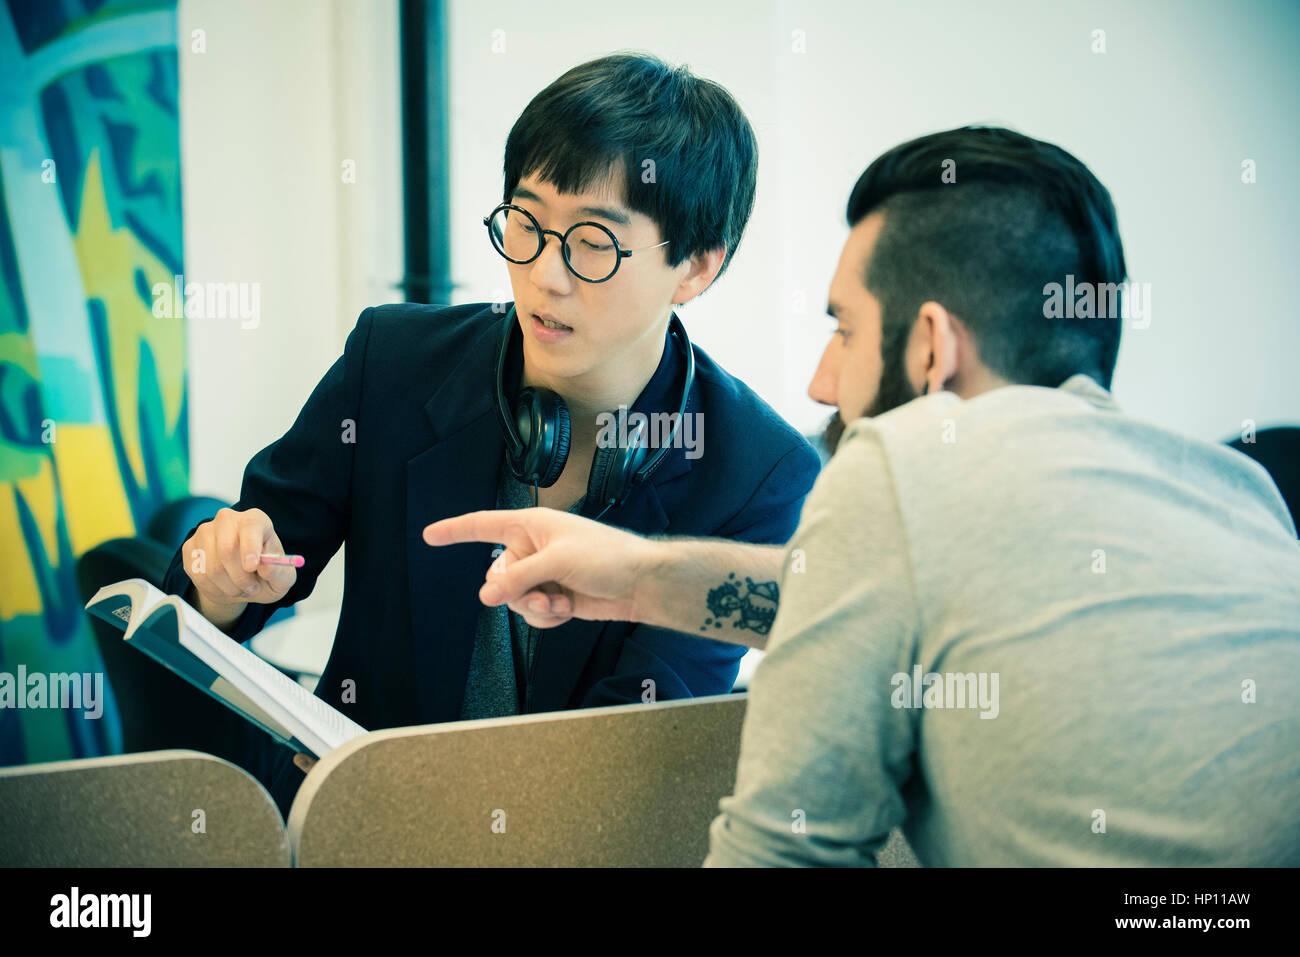 Gli uomini a discutere di libro insieme Immagini Stock